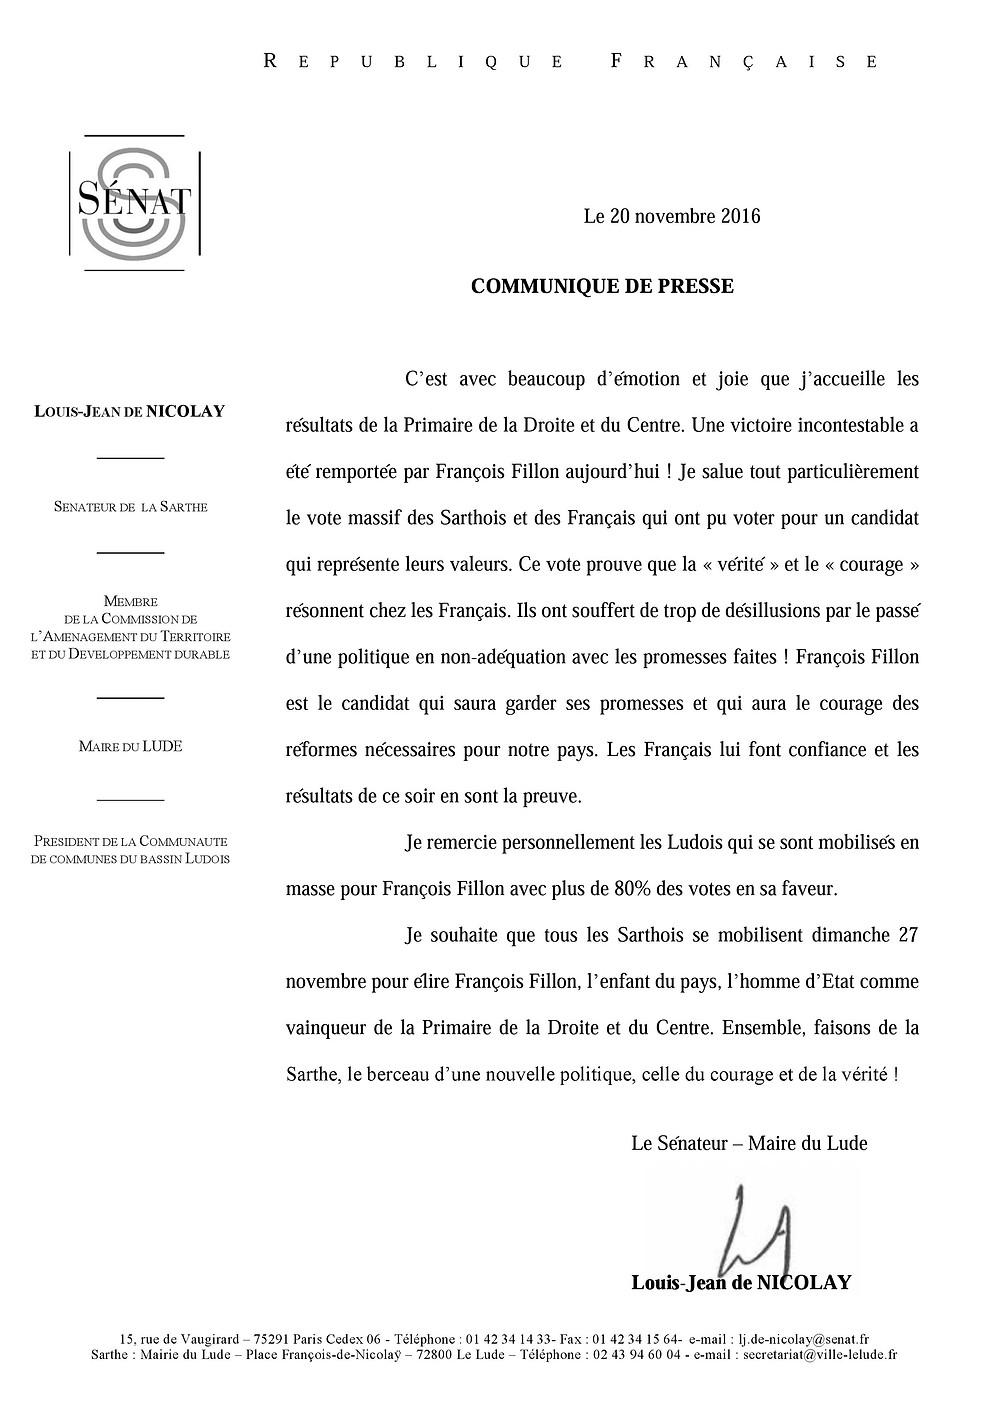 Communiqué de presse François Fillon